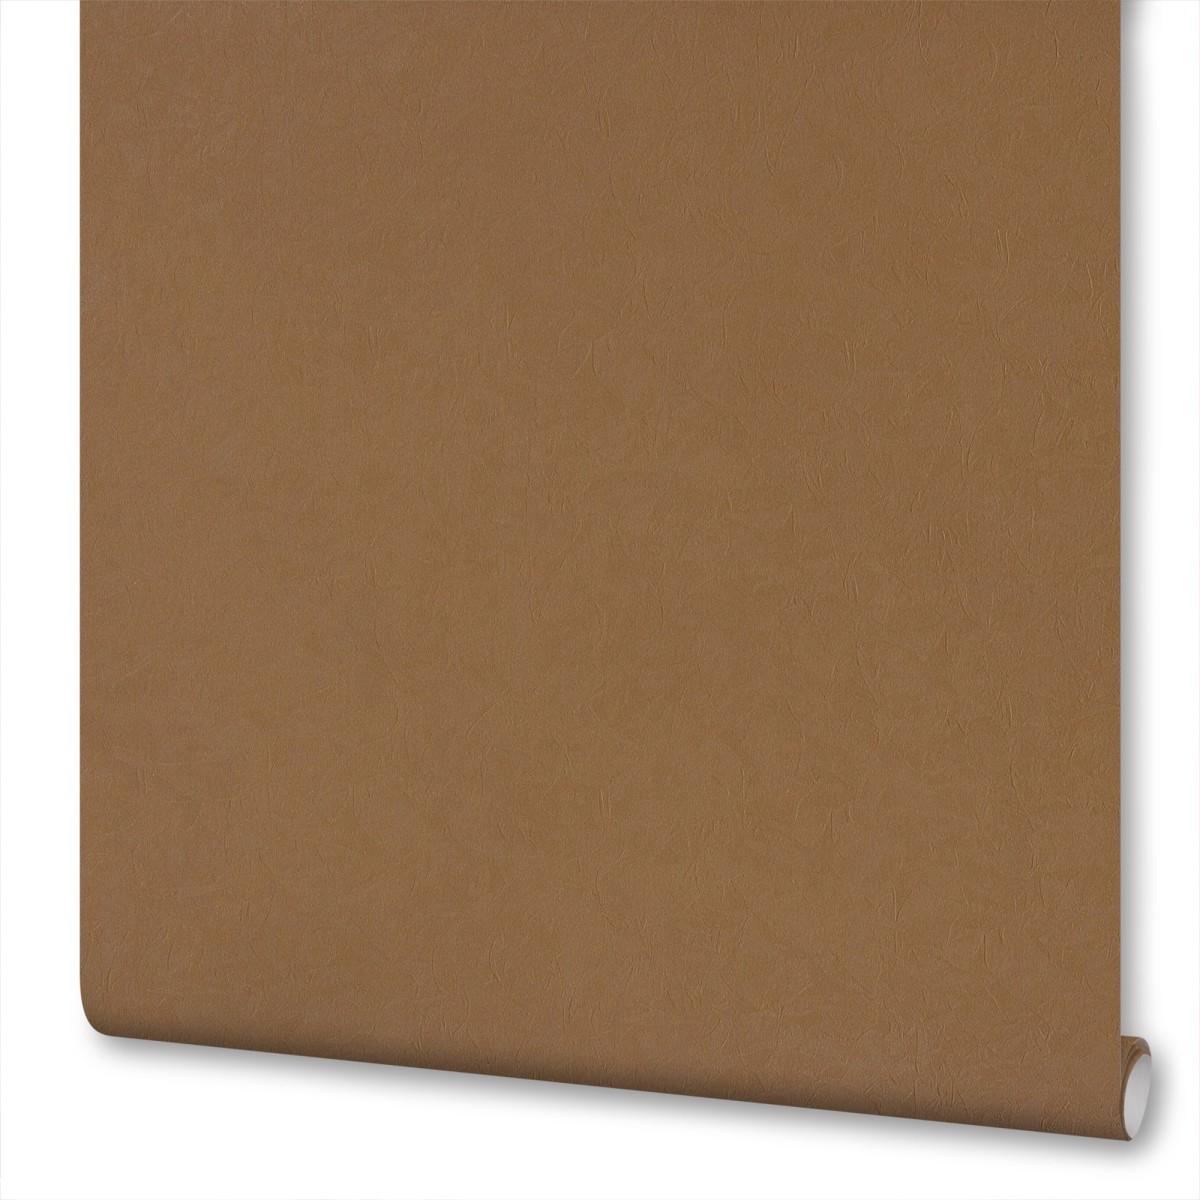 Обои на флизелиновой основе Inspire Silk 1.06х10 м Эффект шелка цвет коричневый